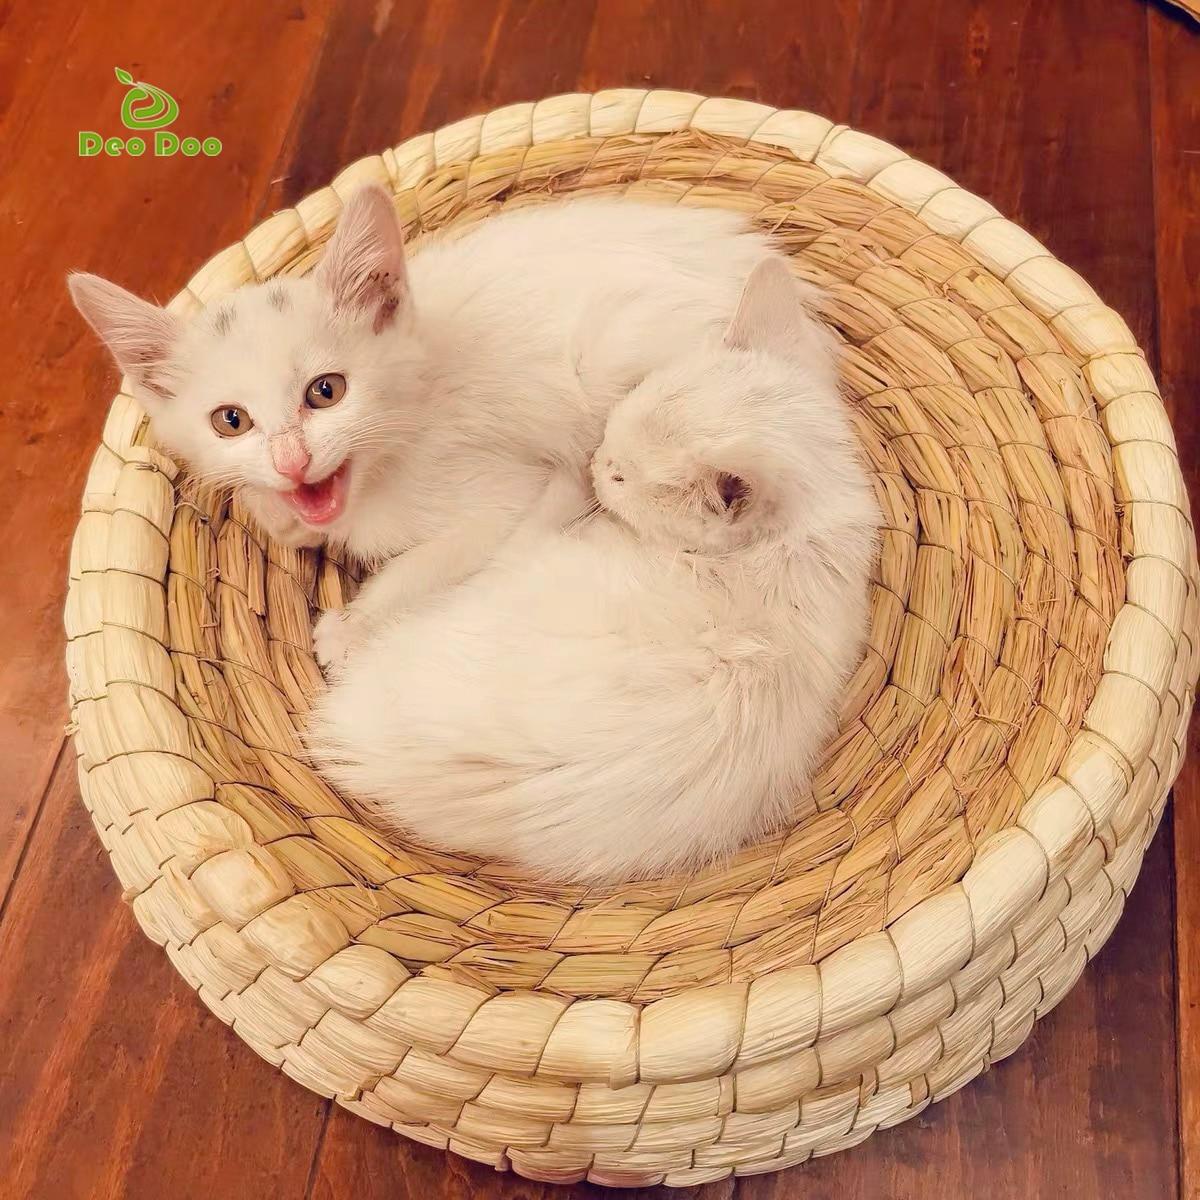 Ручной работы кровать Cat биоразлагаемые ПЭТ Плетеный соломенный кровать щенок питомник кошек гнездо котенок царапин спальный коврик для до...